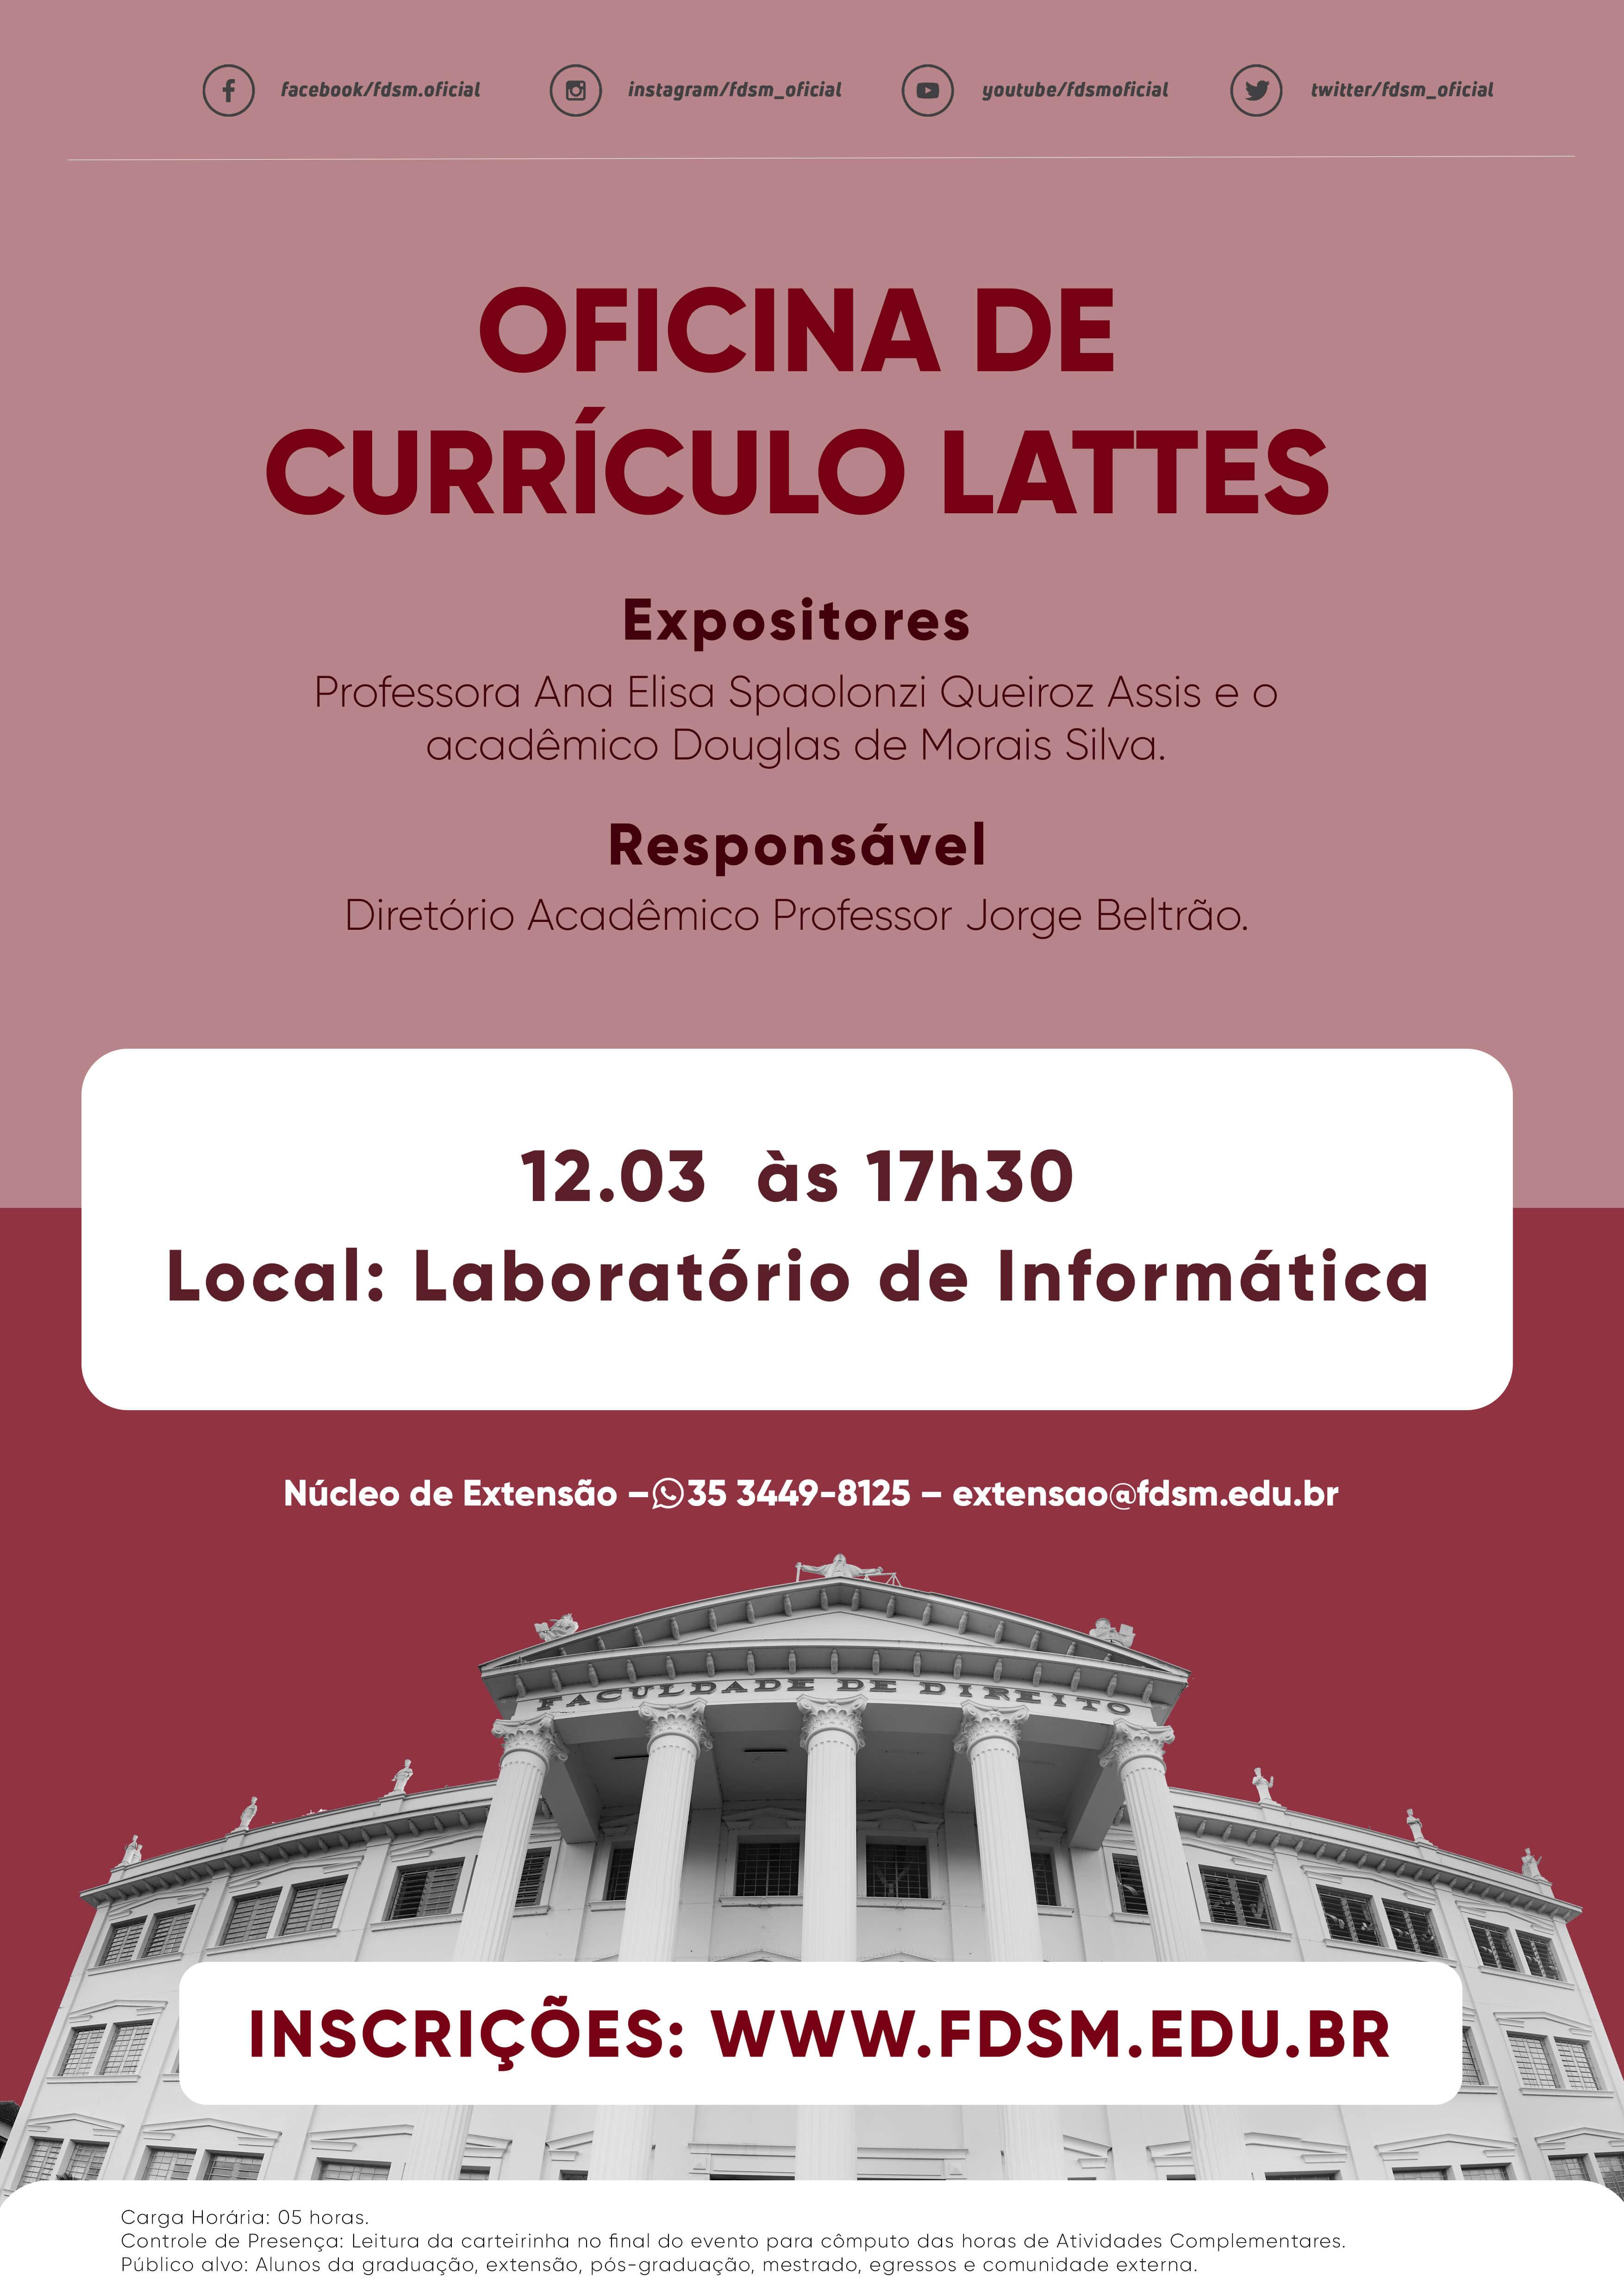 Oficina de Currículo Lattes.